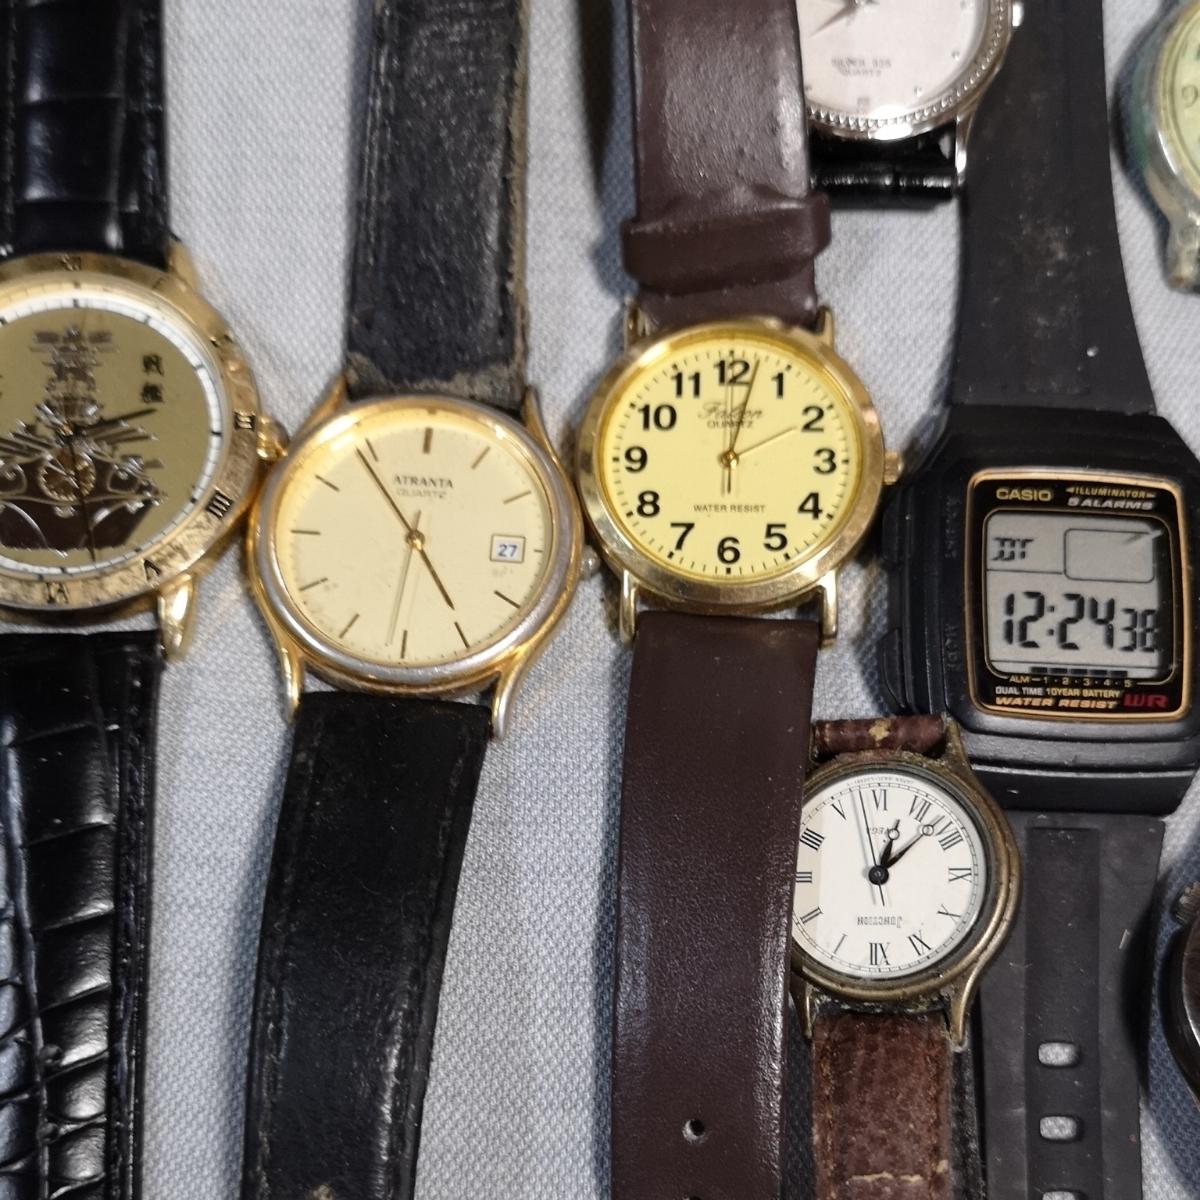 腕時計 大量 50個 SEIKO CITIZEN カシオ クォーツ 手巻 懐中時計 銀時計 ジャンク_画像2